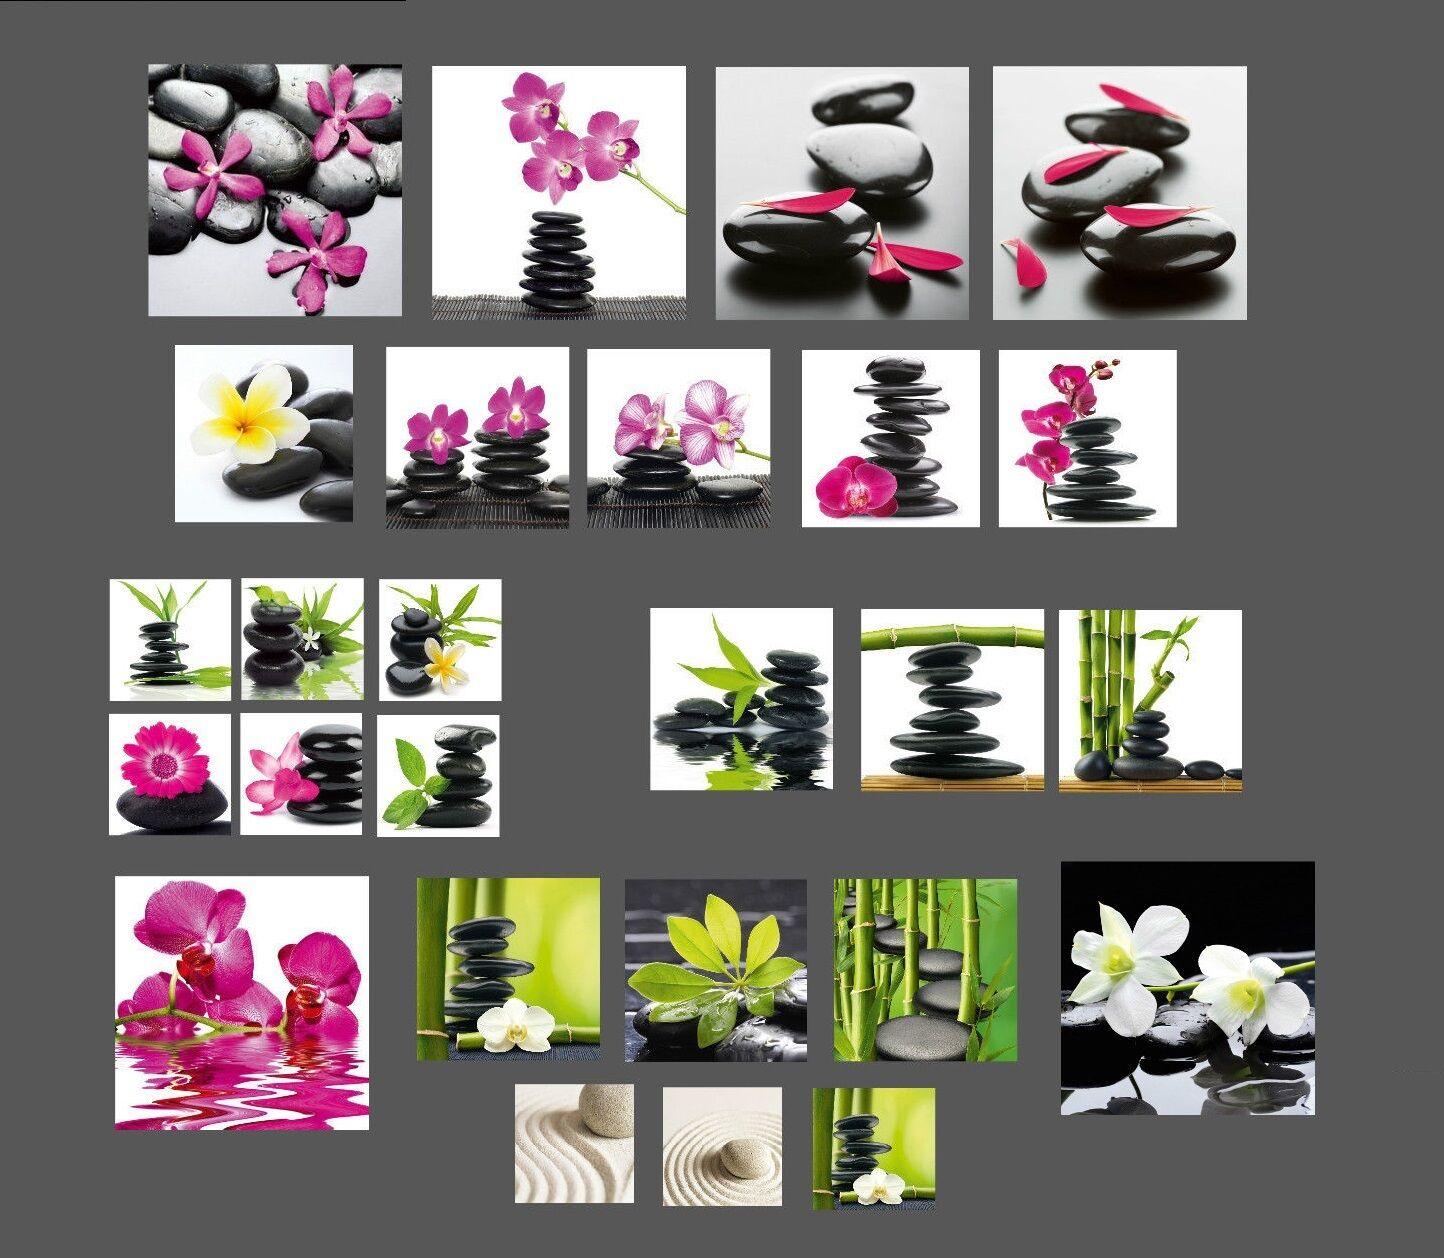 steine mehr als 10000 angebote fotos preise seite 149. Black Bedroom Furniture Sets. Home Design Ideas